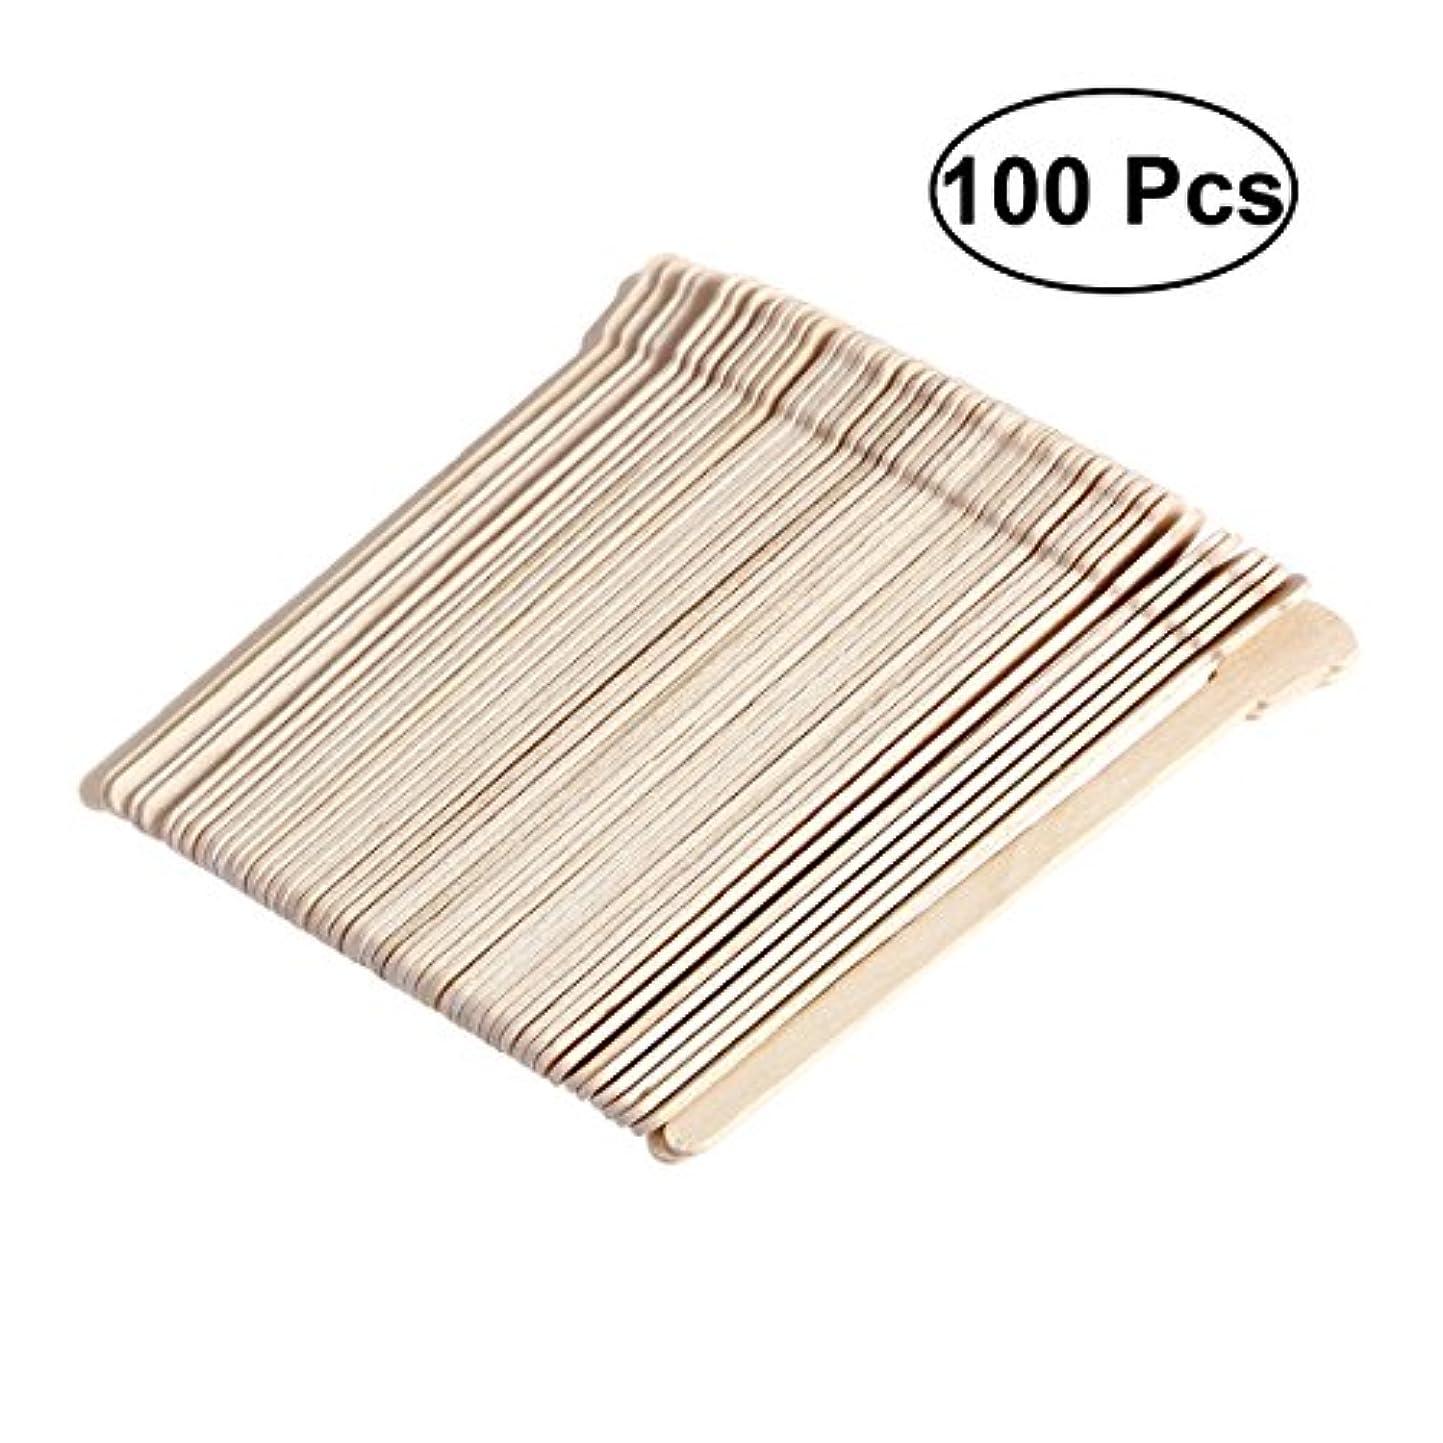 SUPVOX 100ピース木製ワックススティックフェイス眉毛ワックスへら脱毛(オリジナル木製色)